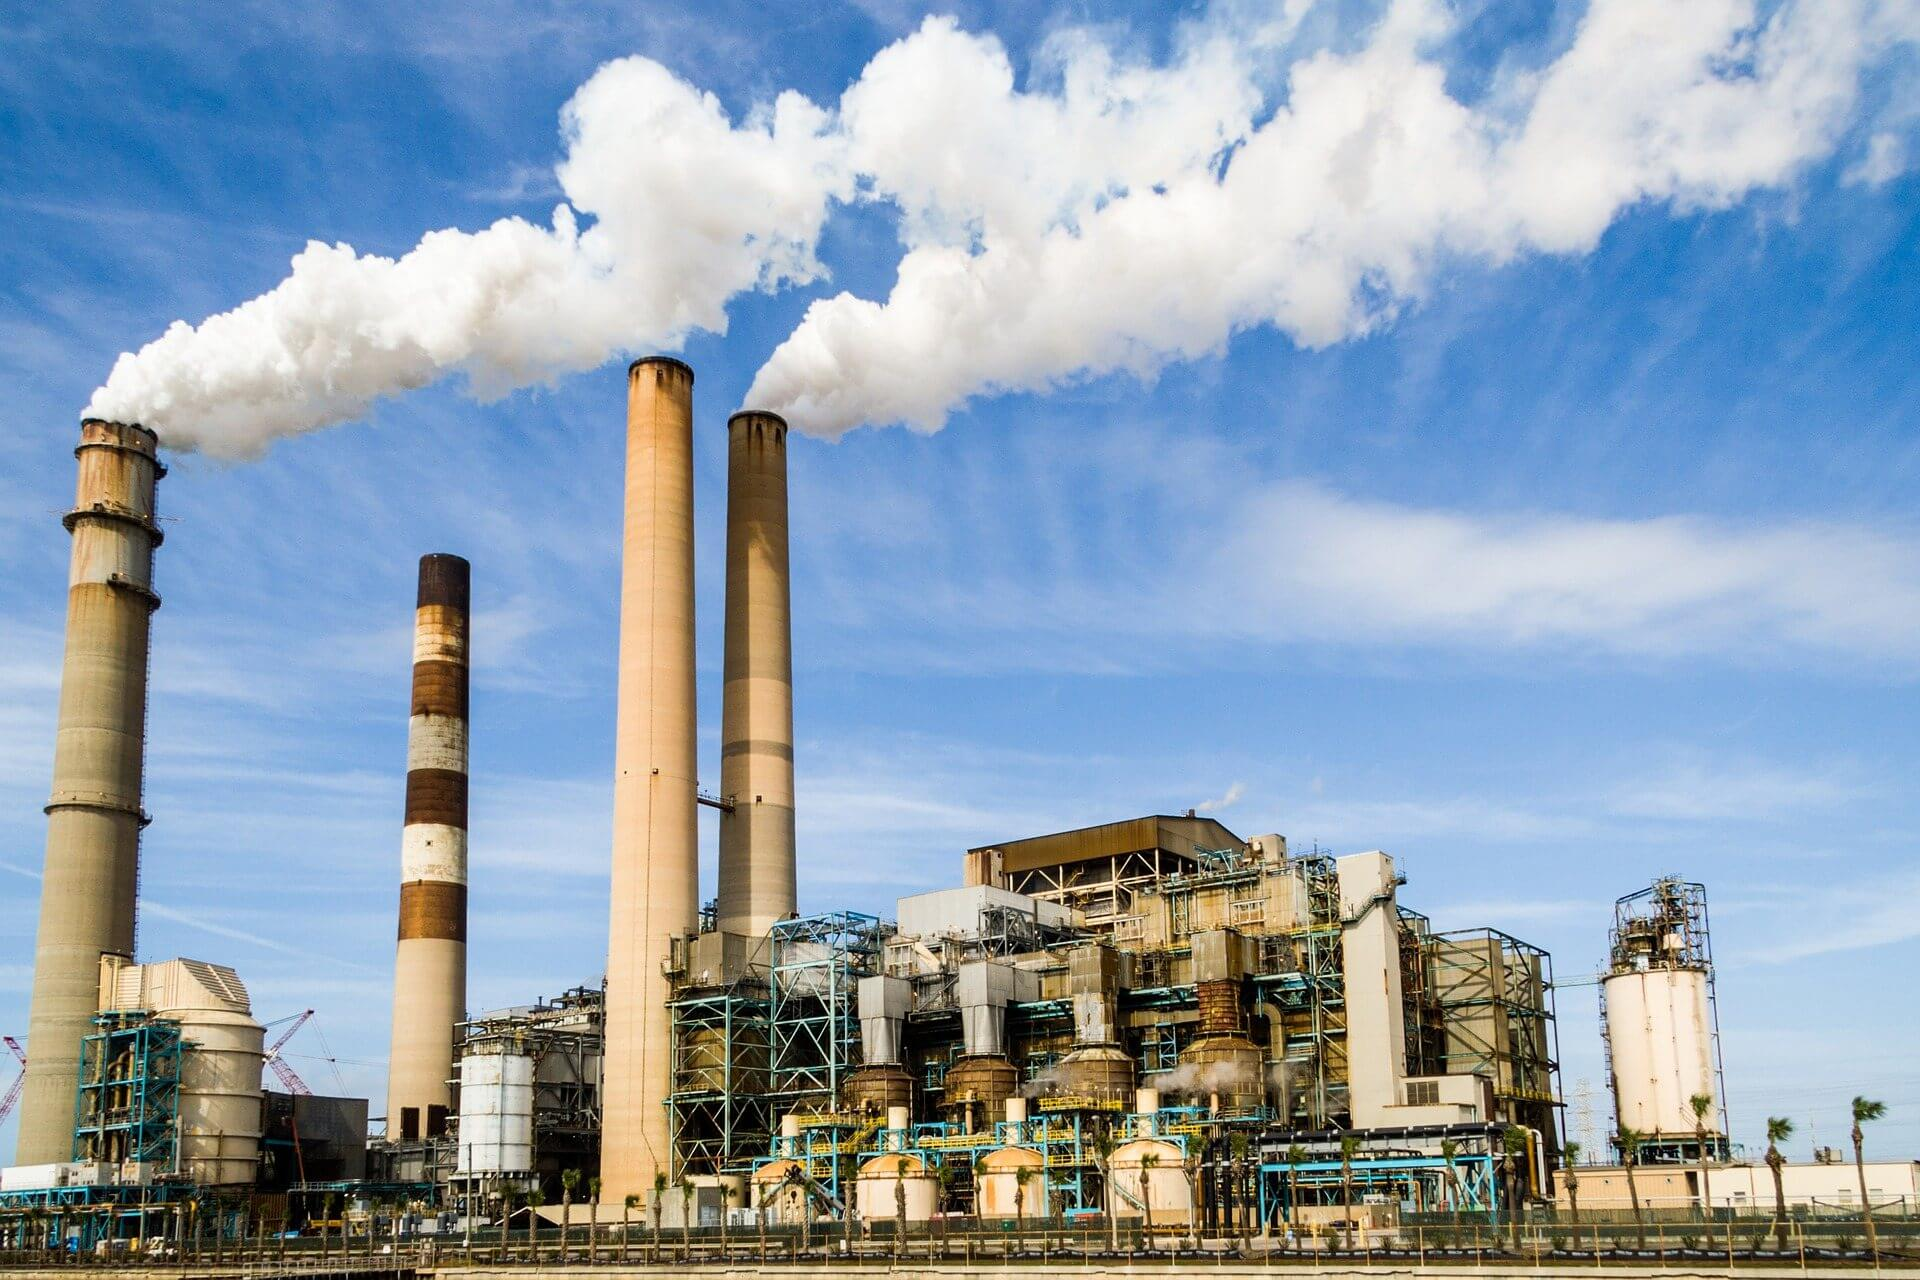 Phát triển nền công nghiệp là nguyên nhân chính dẫn đến ô nhiễm không khí